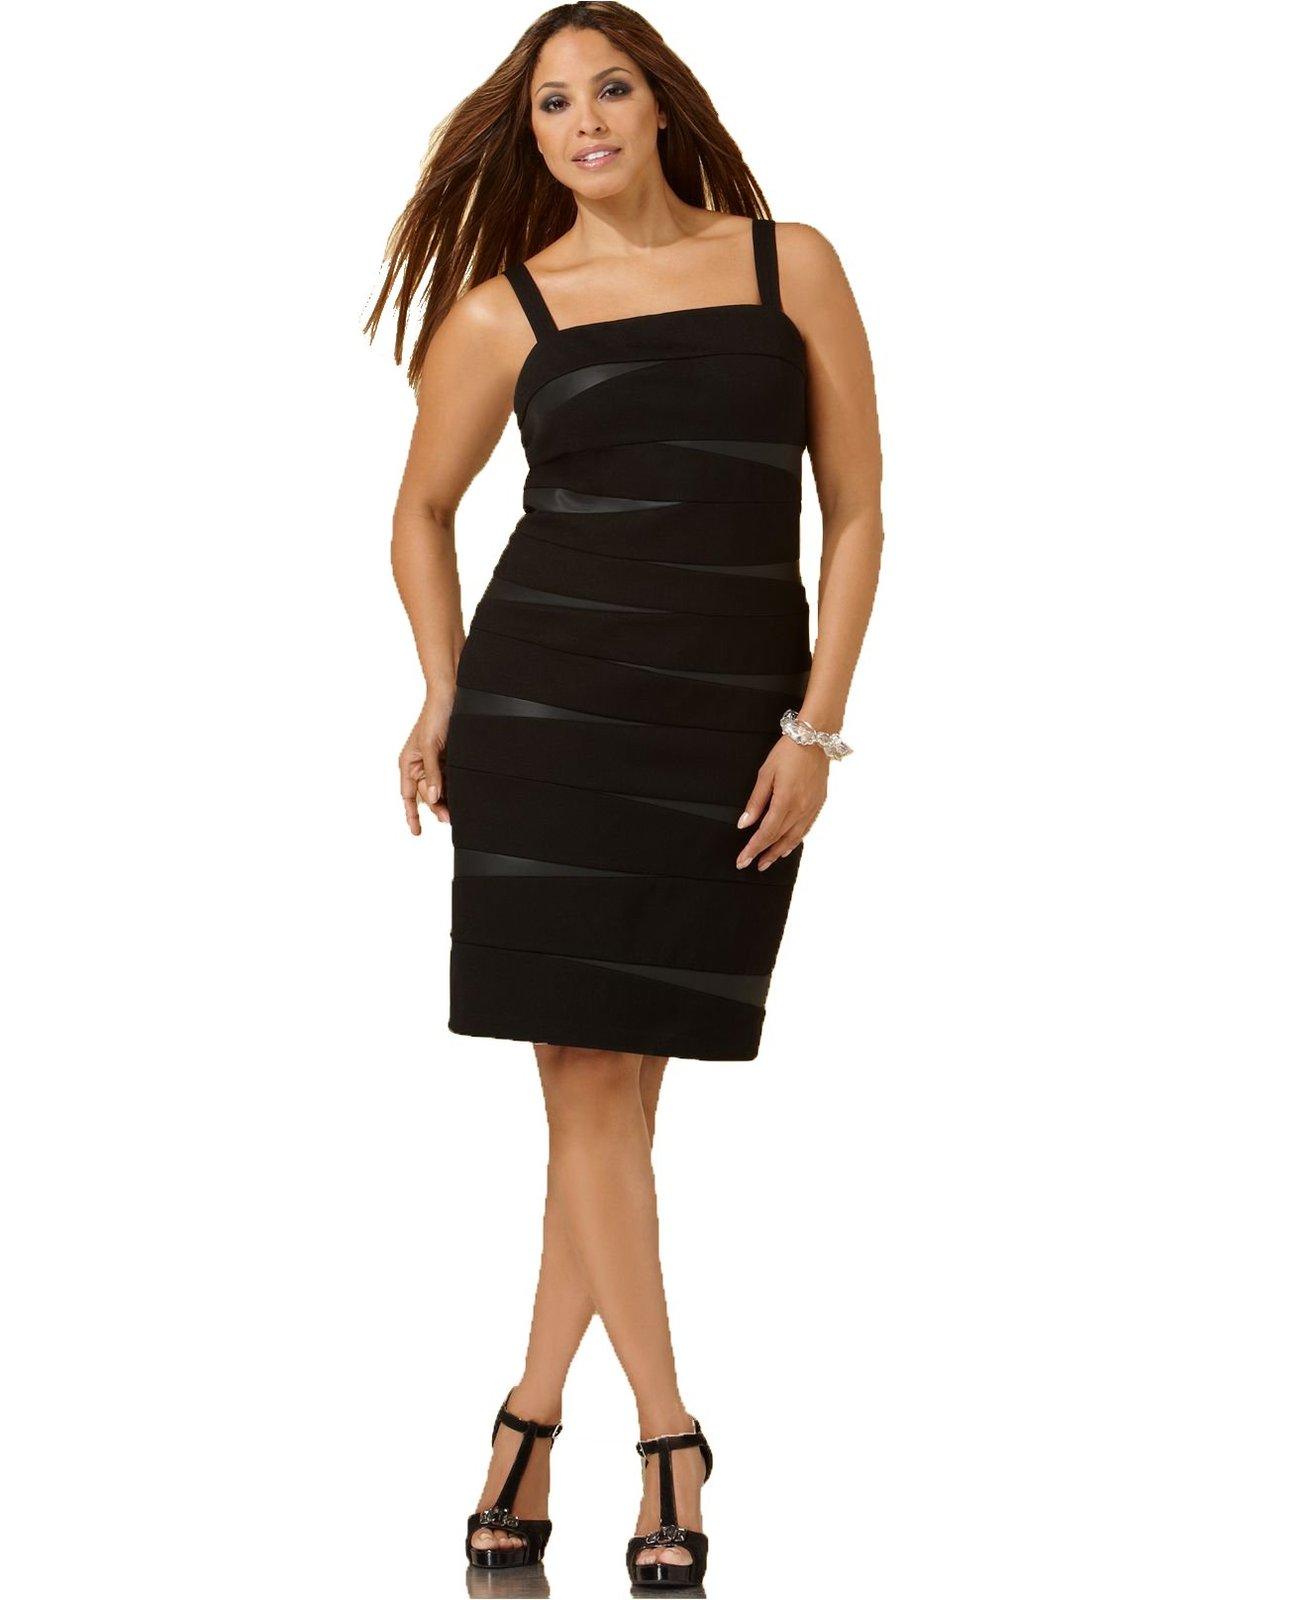 I.N.C. International Concepts Dress: 88 listings